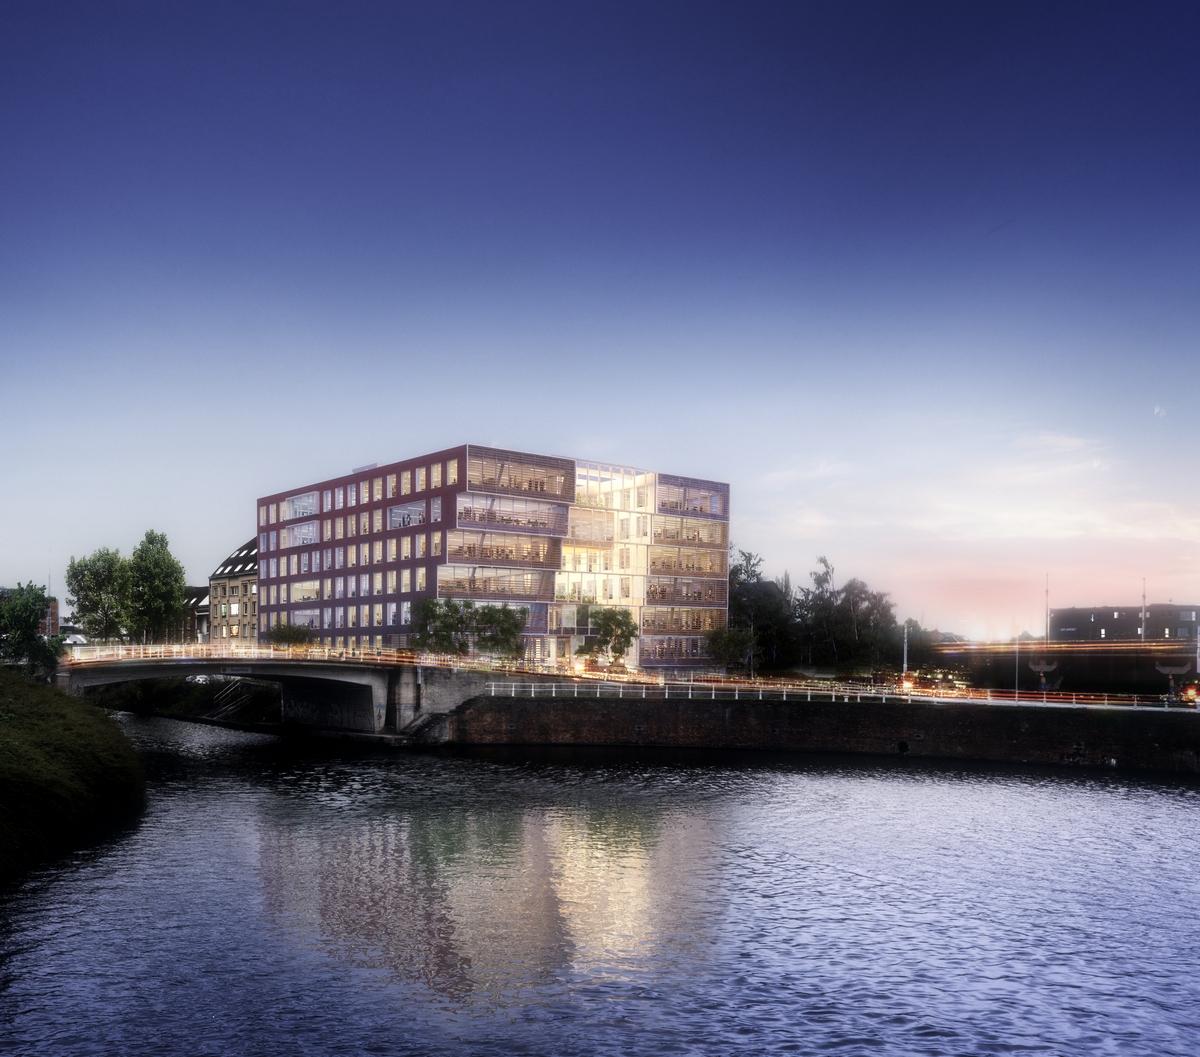 kantoor-dampoort-evr-architecten-3